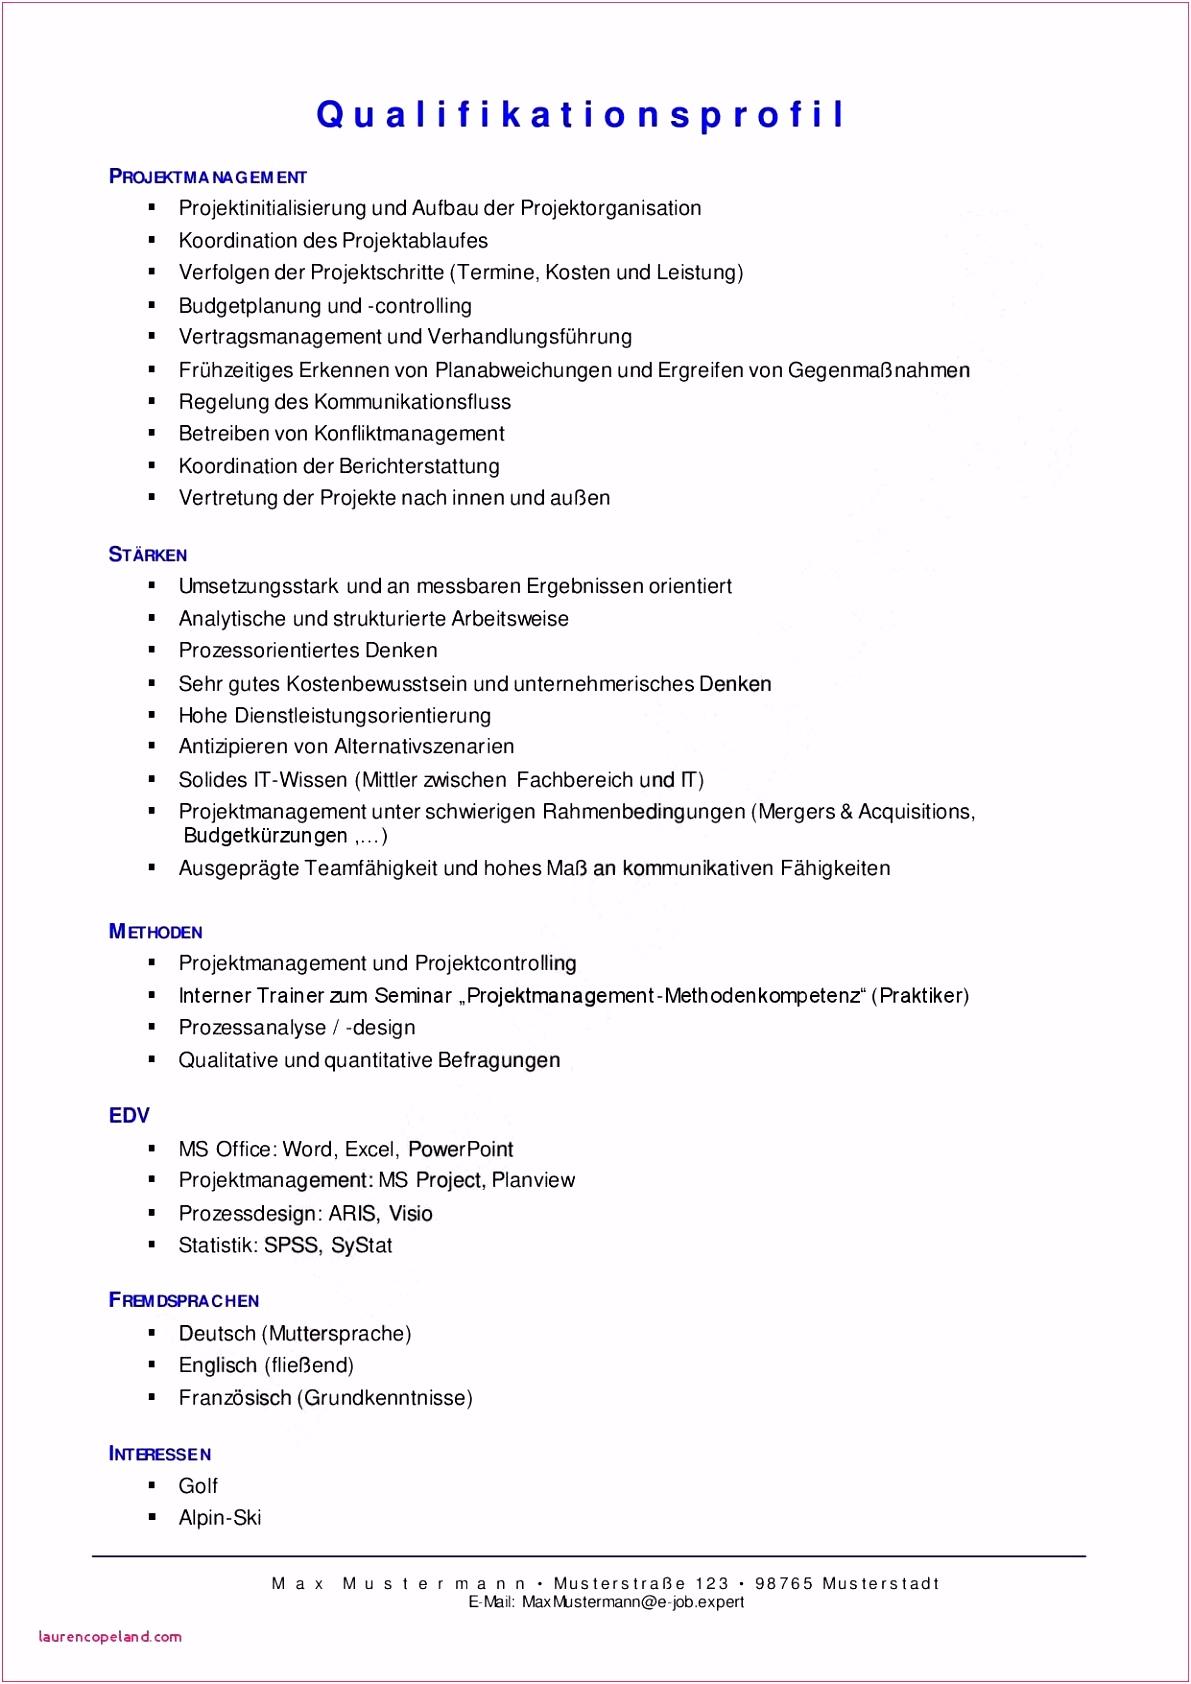 51 Projektcontrolling Excel Vorlage Kostenlos laurencopeland